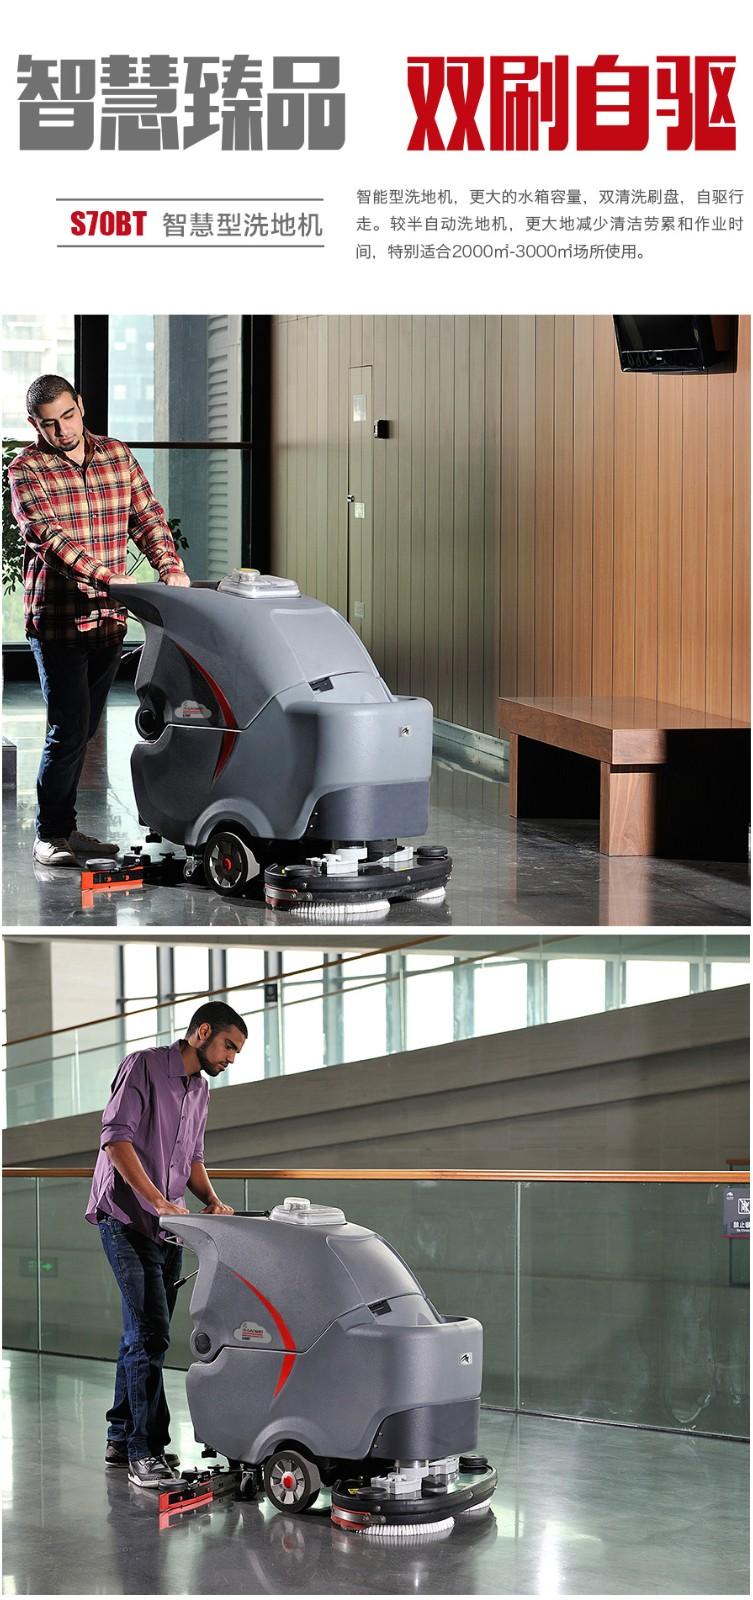 S70BT高美智慧型洗地机 手推式双刷洗地机.jpg